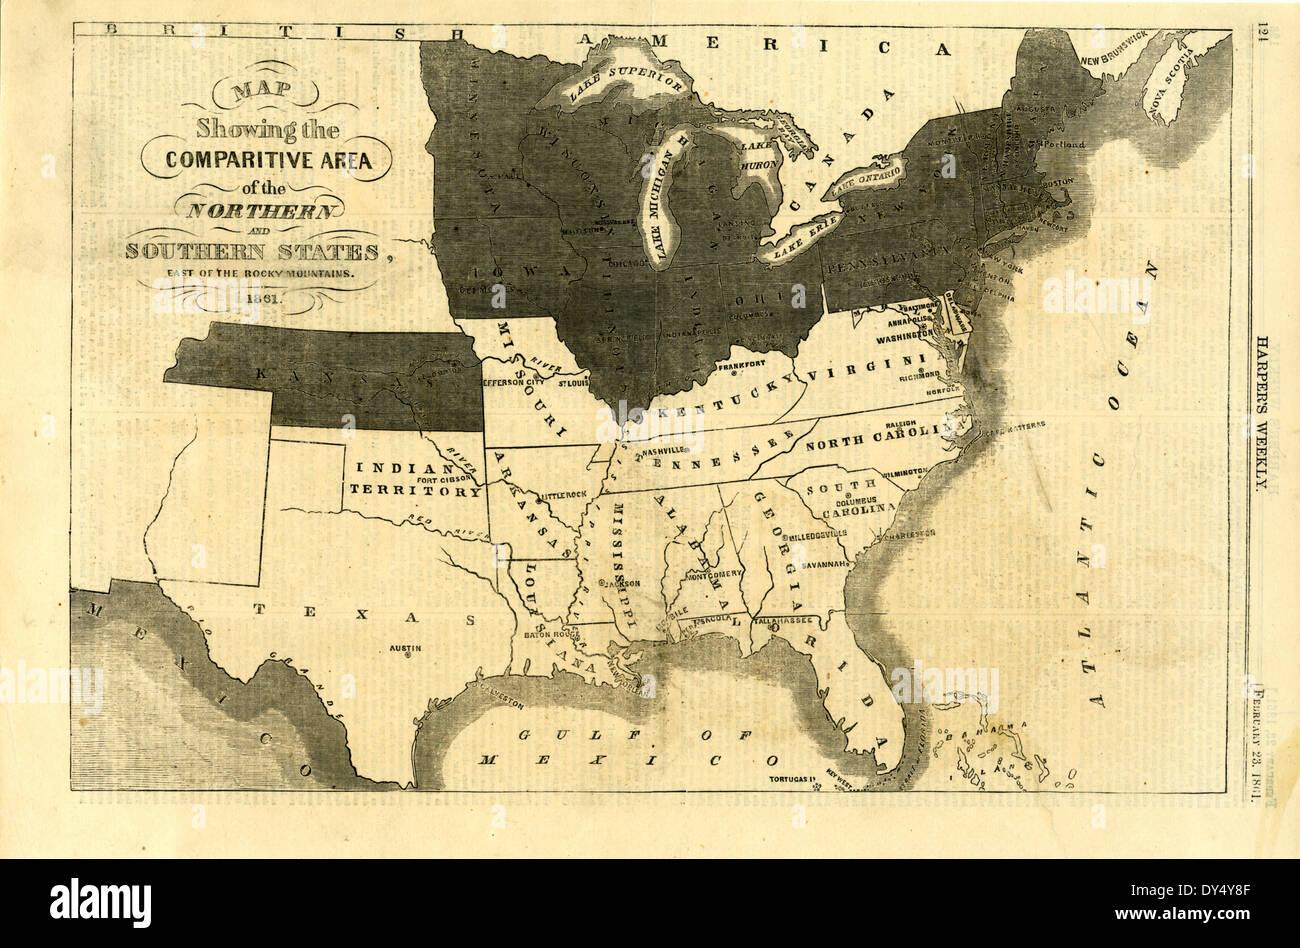 Diese Karte zeigt die vergleichende [sic] Bereich der ...